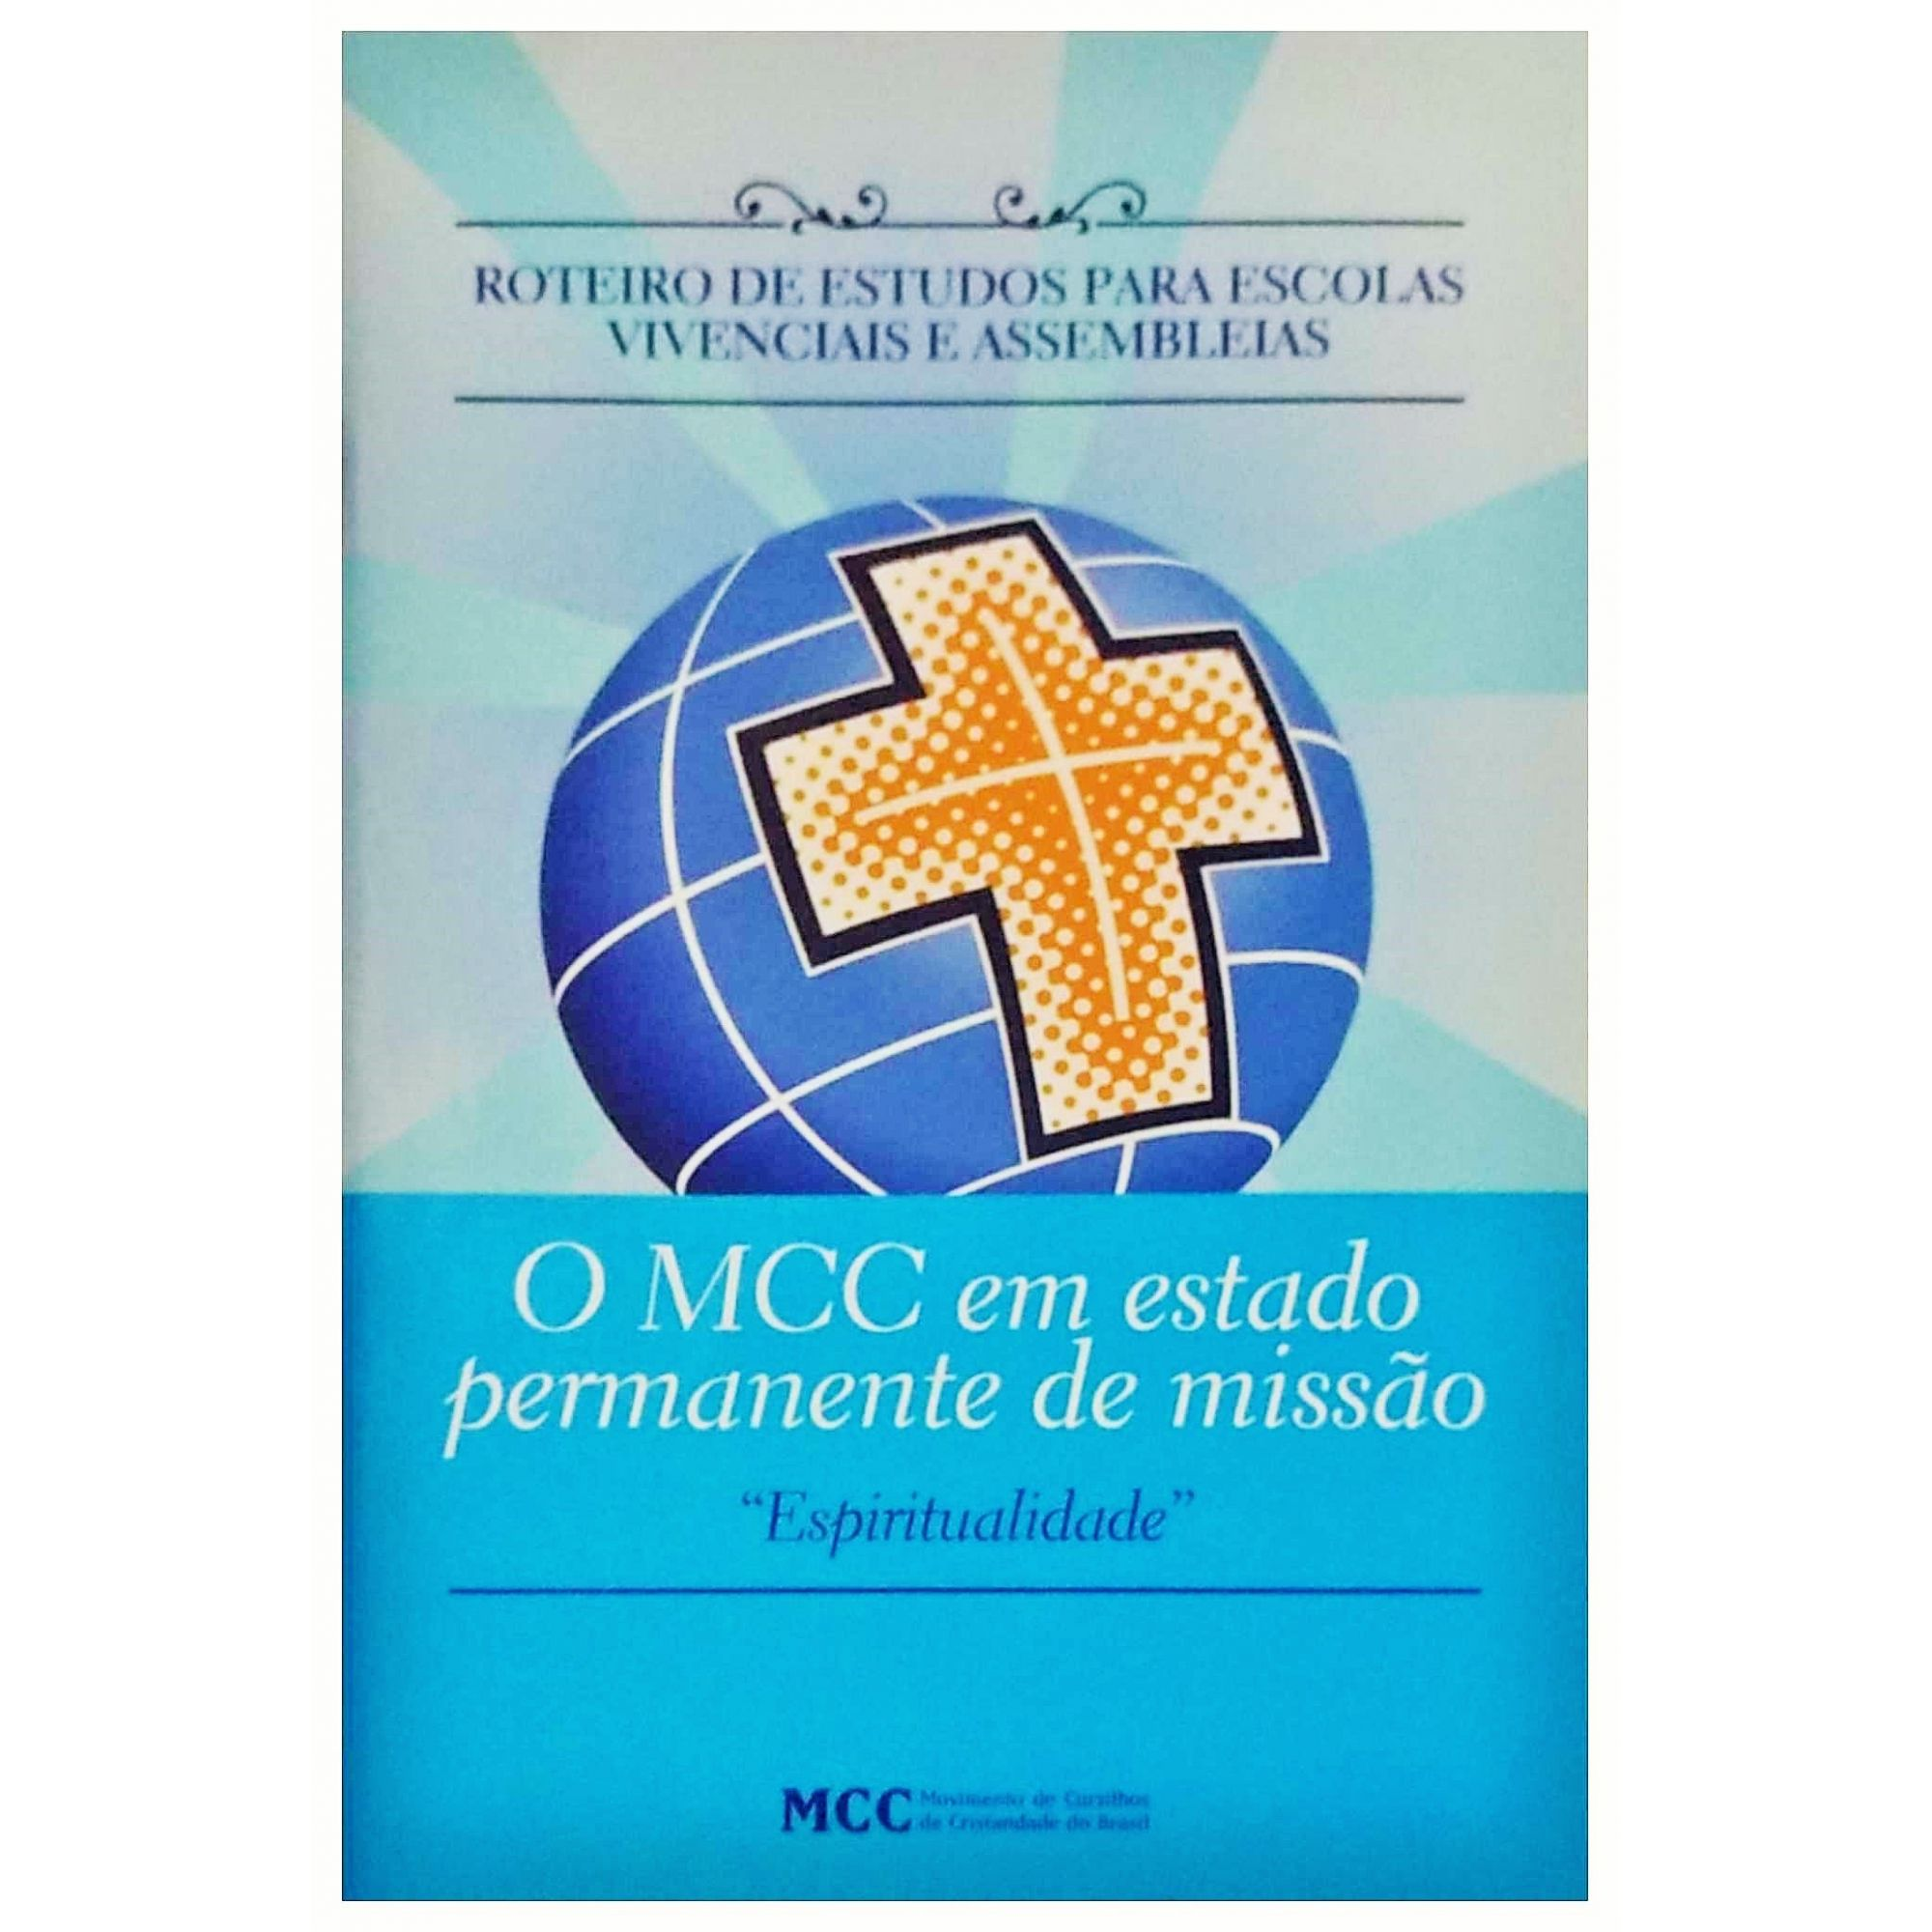 Roteiro de Estudos - Assembleias Regionais - O MCC em estado permanente de missão - AR. 2017  - Cursilho